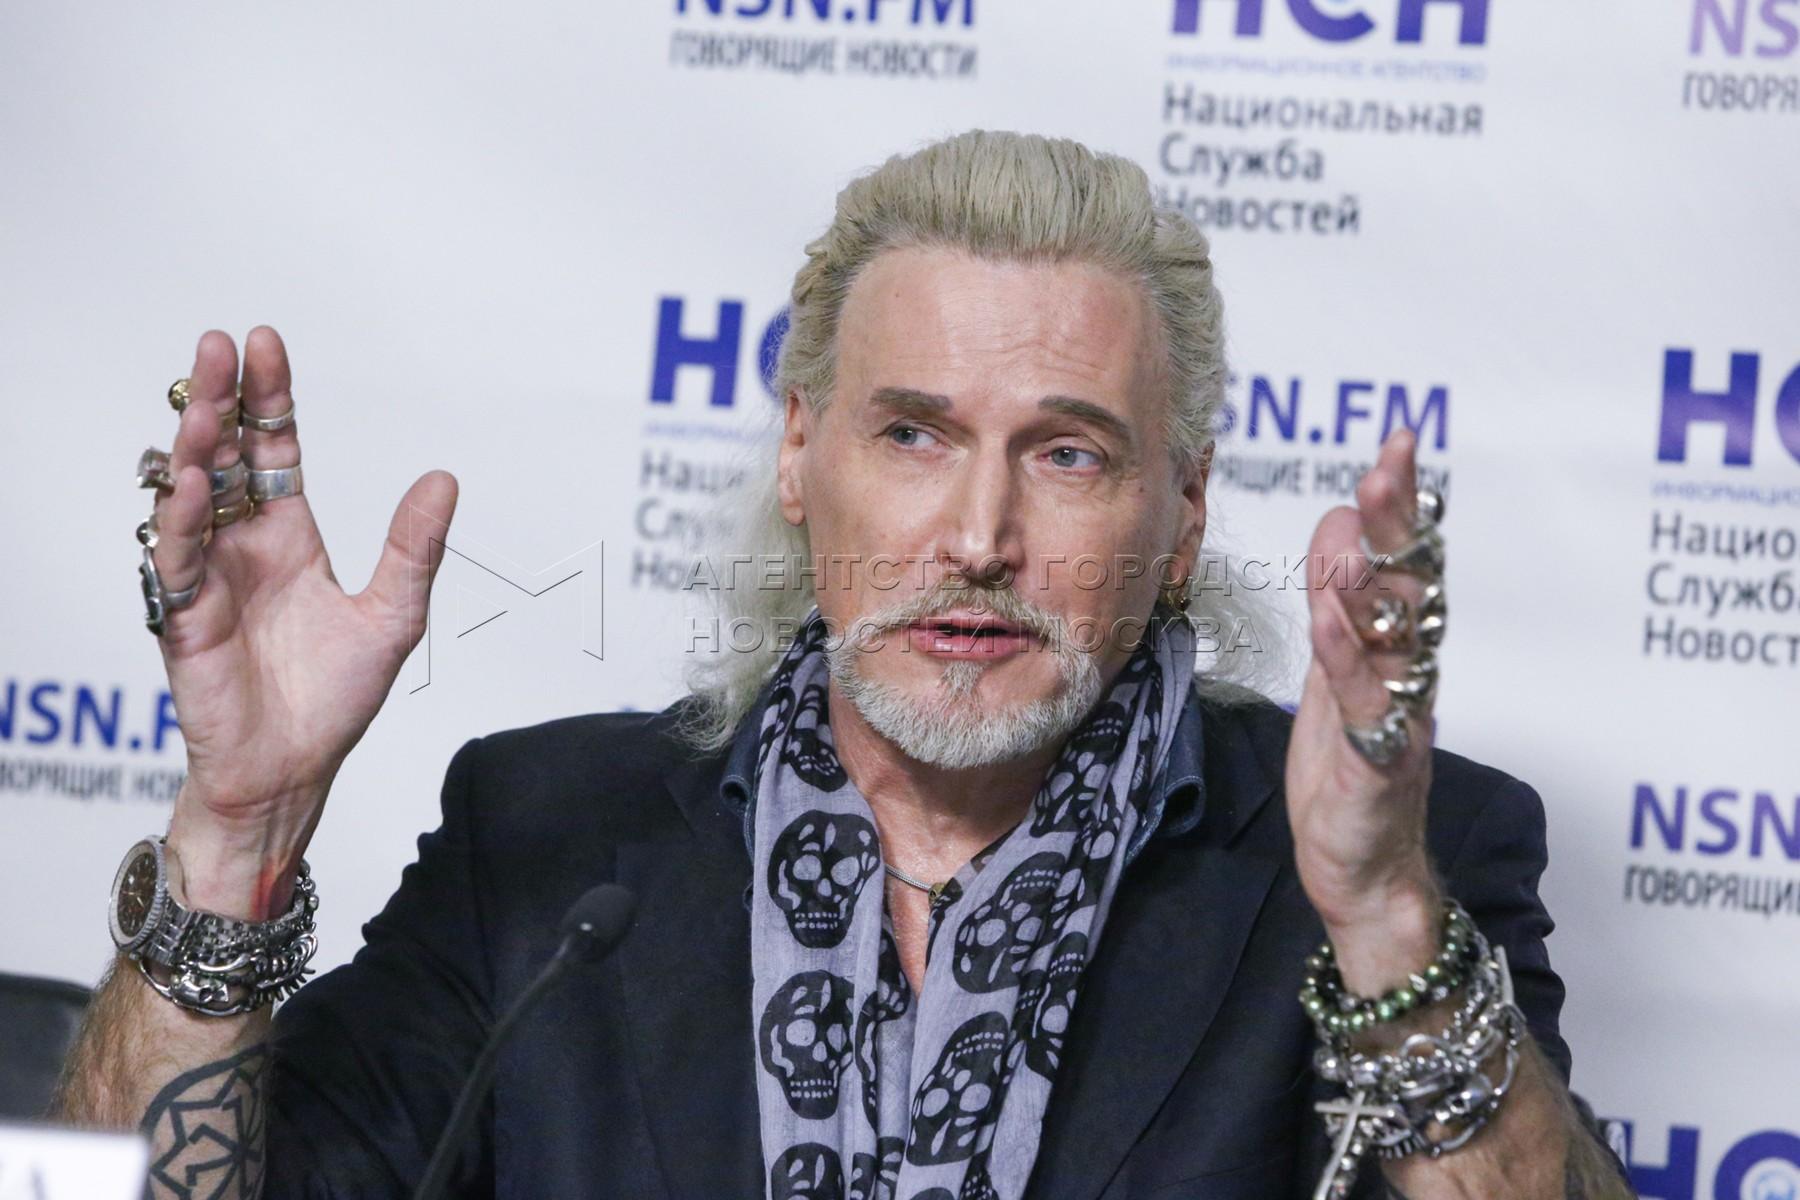 Пресс-конференция на тему «Здоровье Джигурды в критическом состоянии: Кому актер завещает миллионы?».